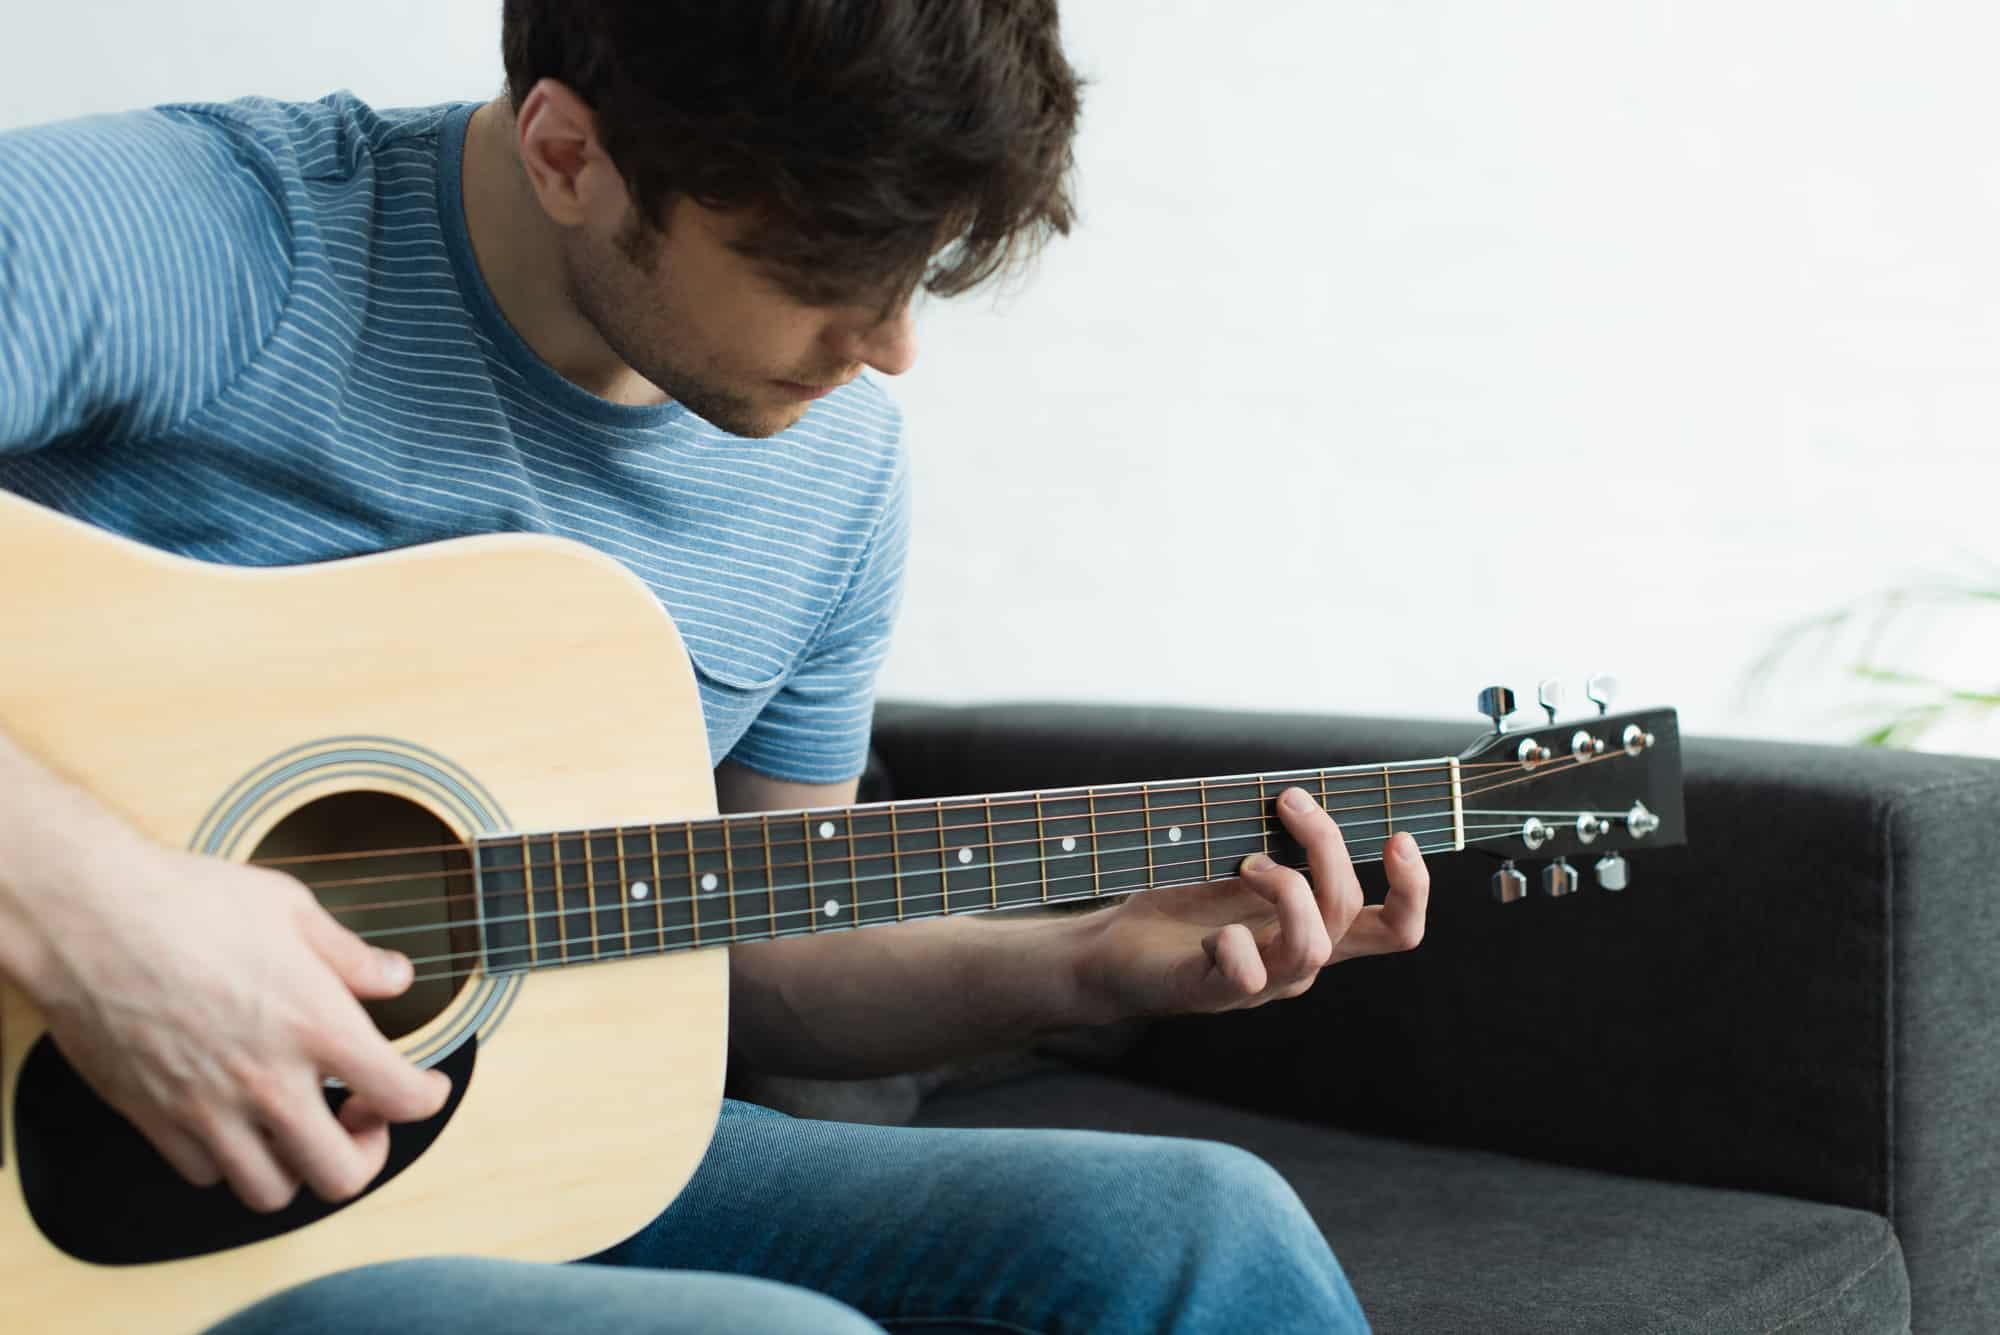 snel gitaar leren spelen mogelijkheden